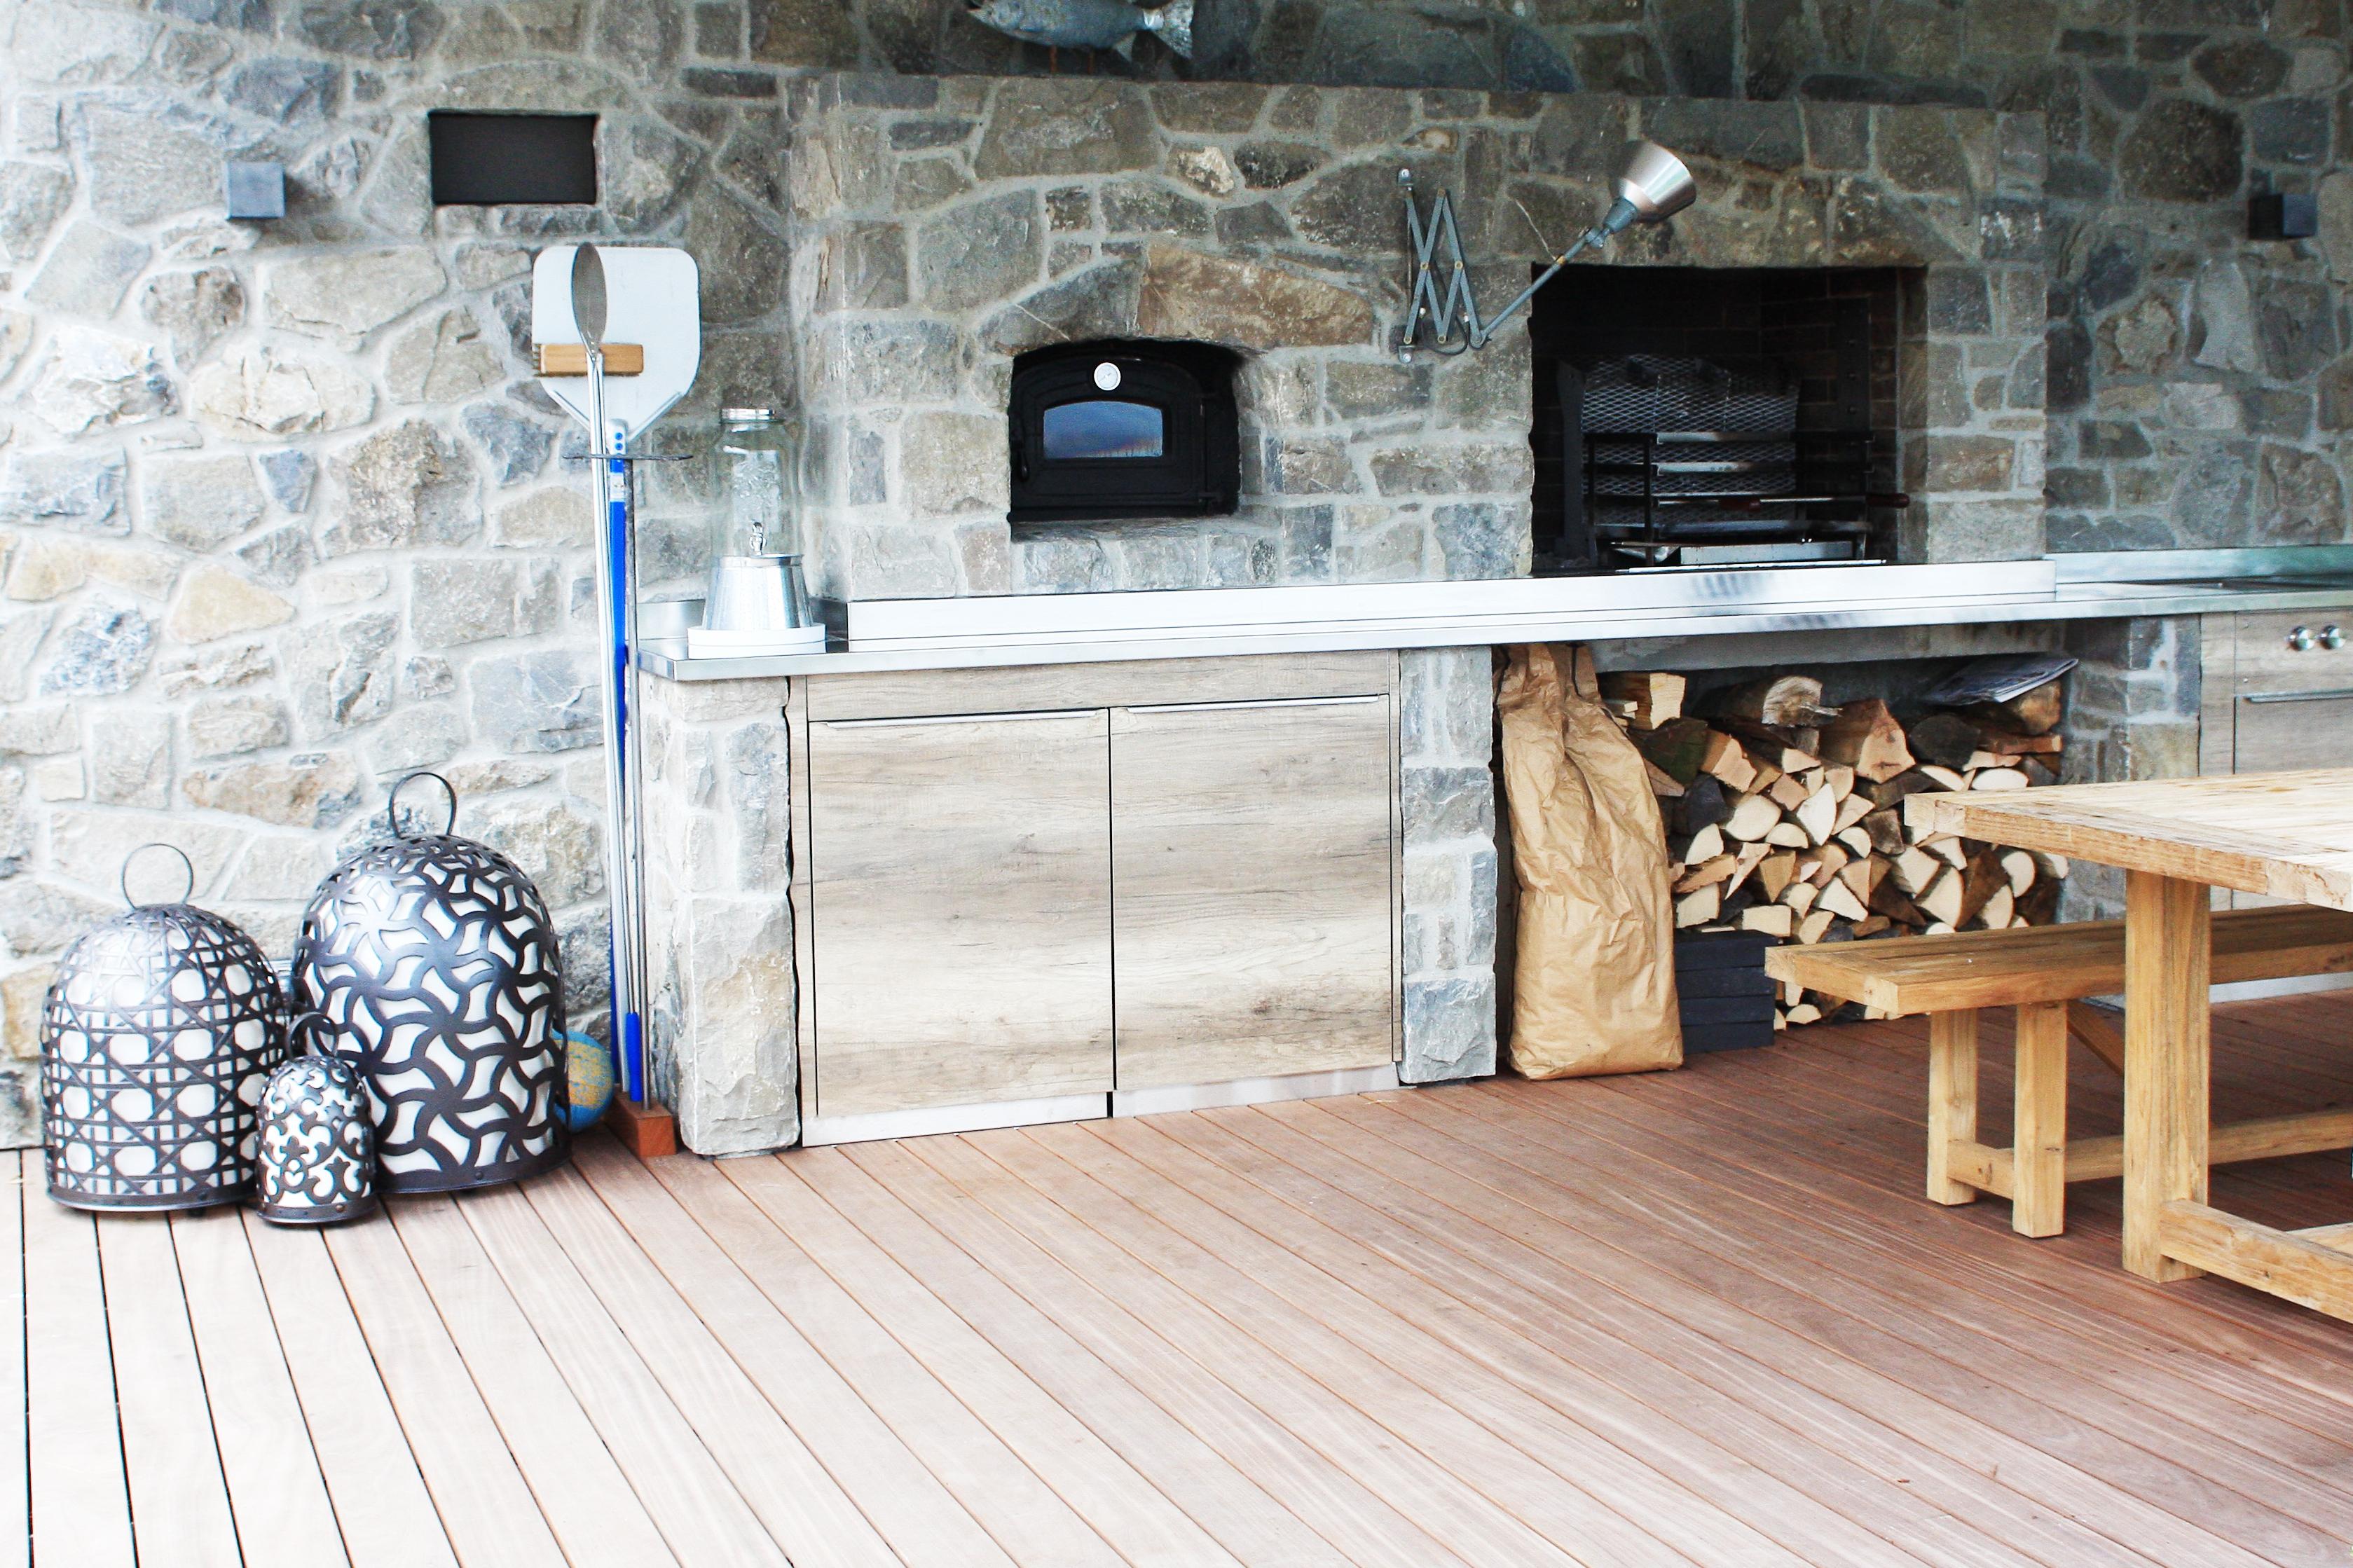 Outdoor Küche Ikea Hack : Outdoor küche regal unterschrank frontauszug küche kleine weiße